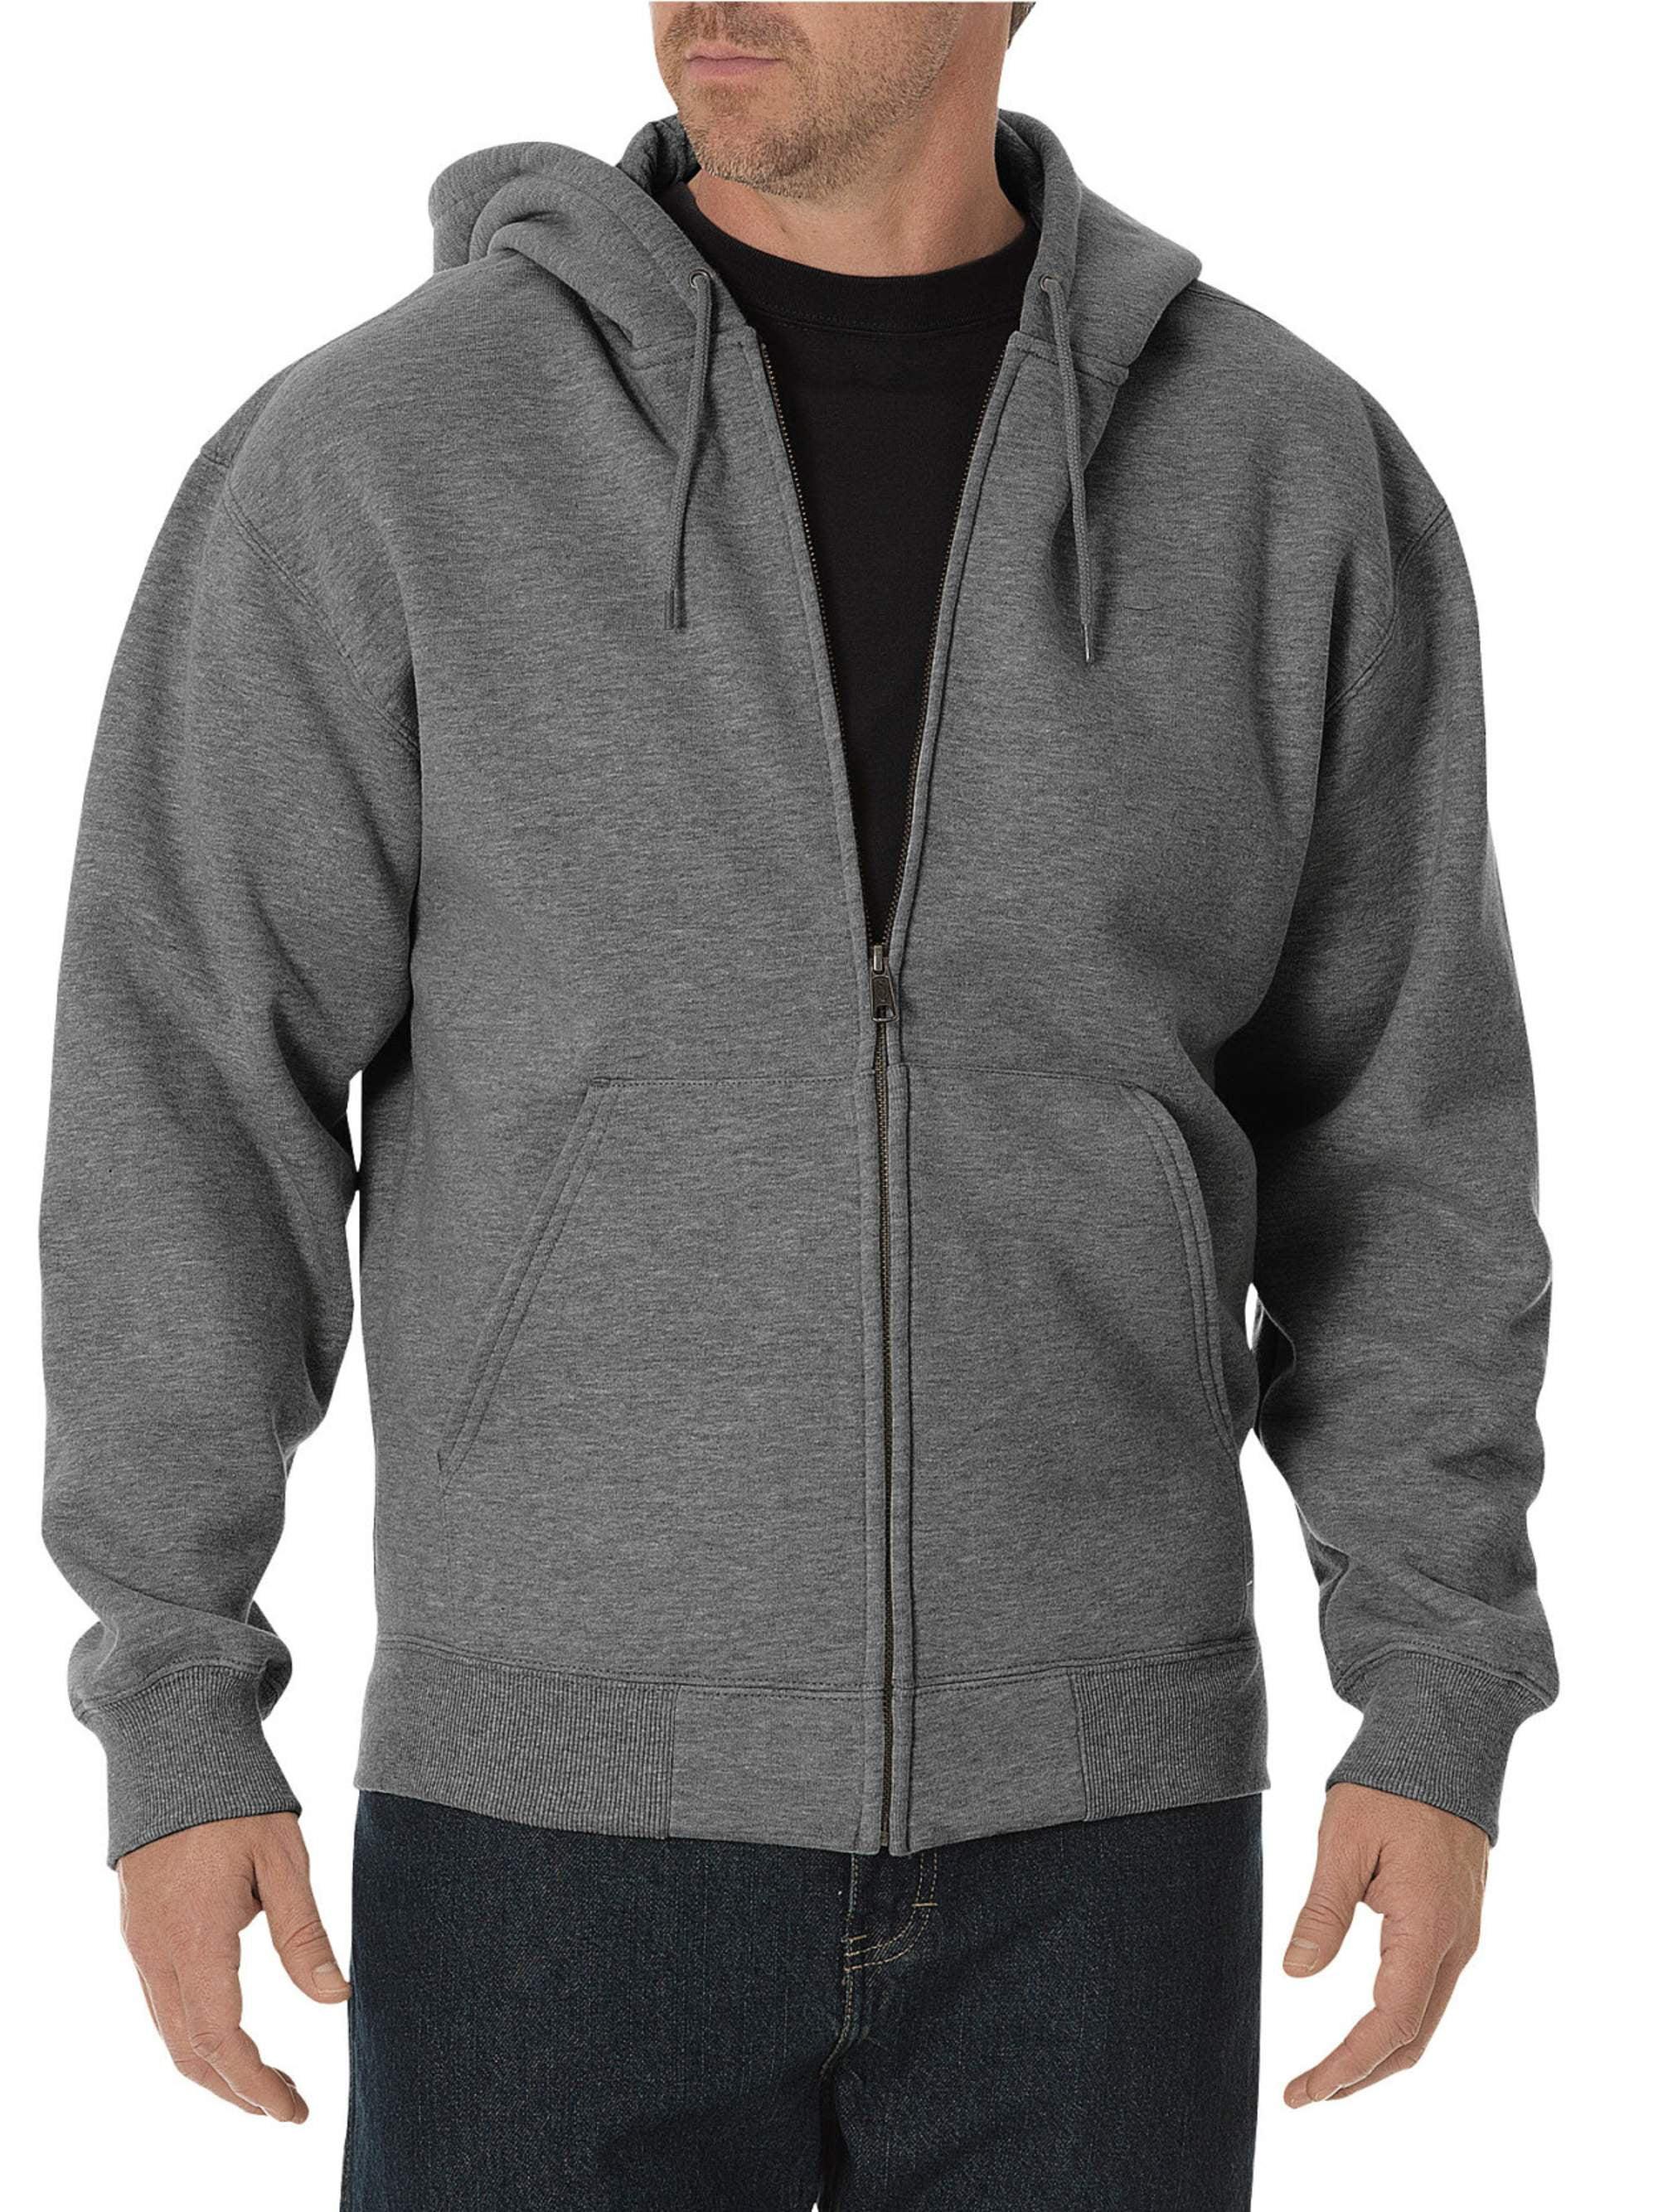 Big and Tall Men's Midweight Fleece Full Zip Hoodie